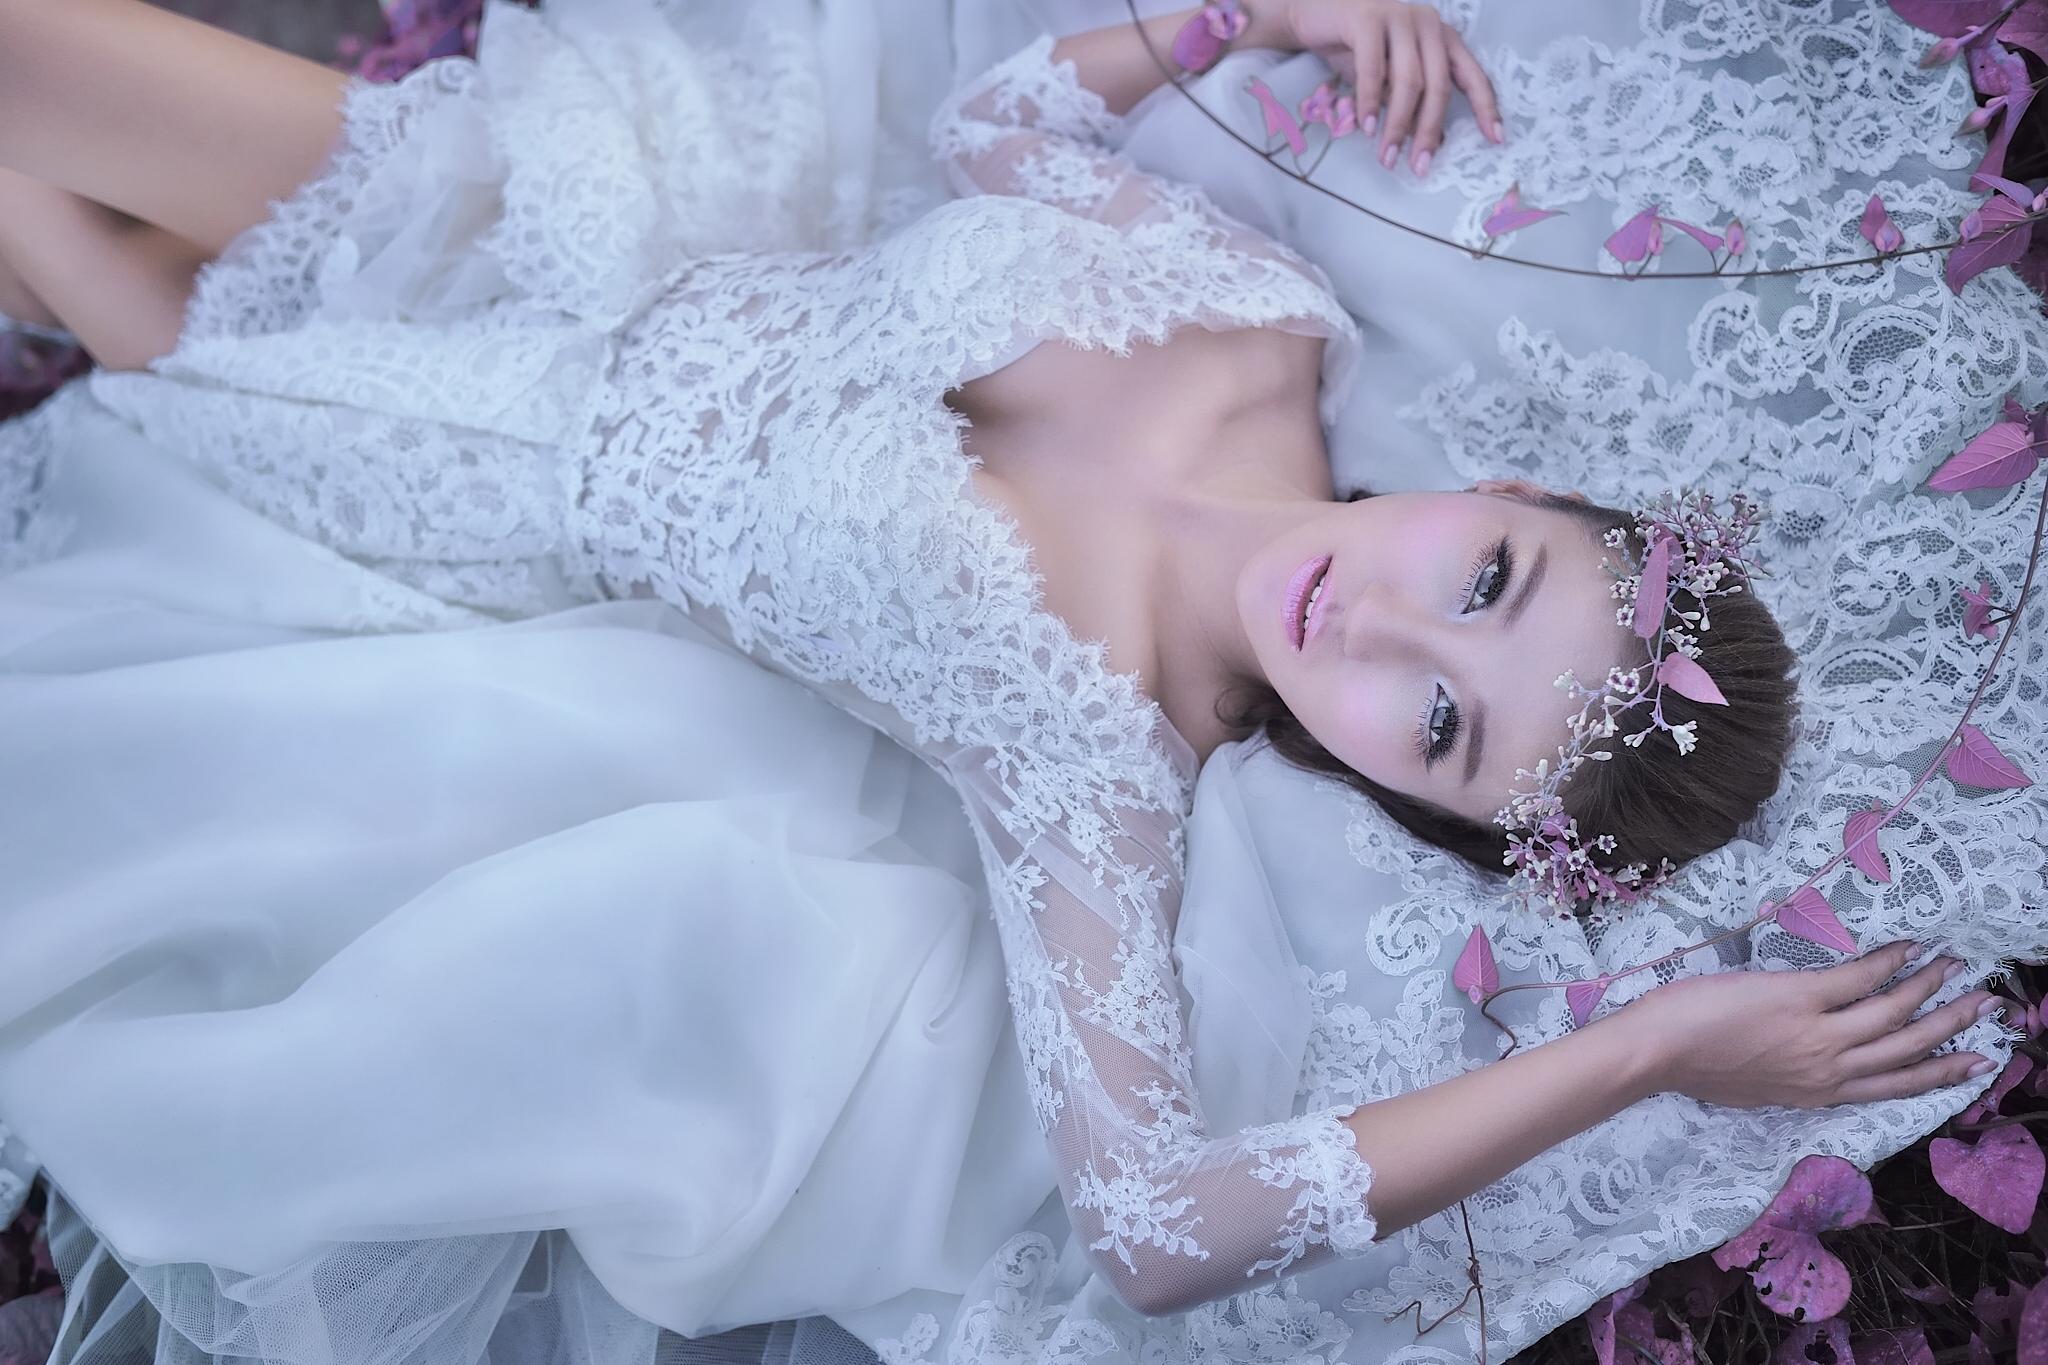 своеобразный фотосессия в свадебных нарядах снимки